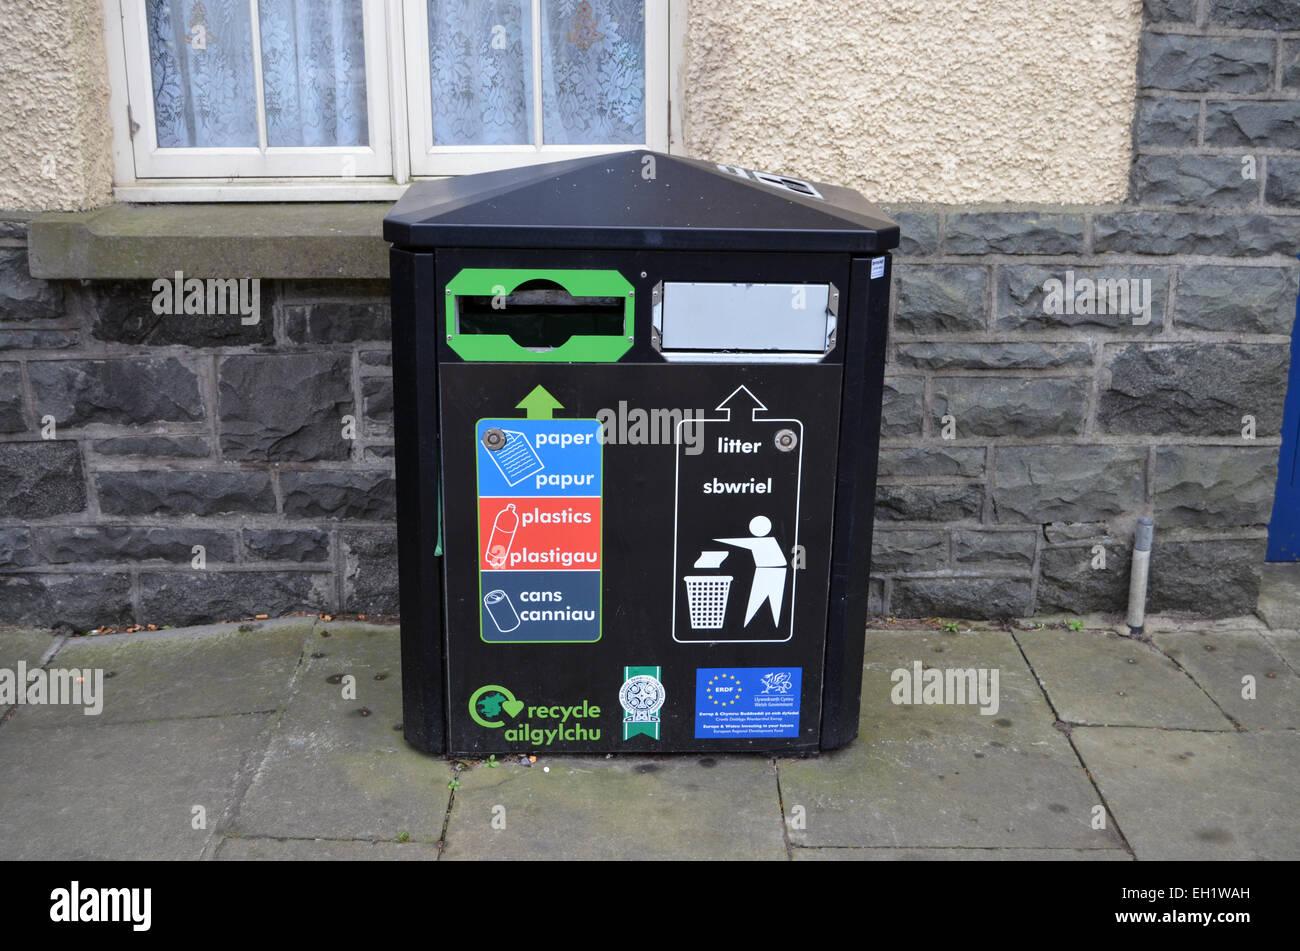 Recyclage & poubelle, au Pays de Galles Photo Stock